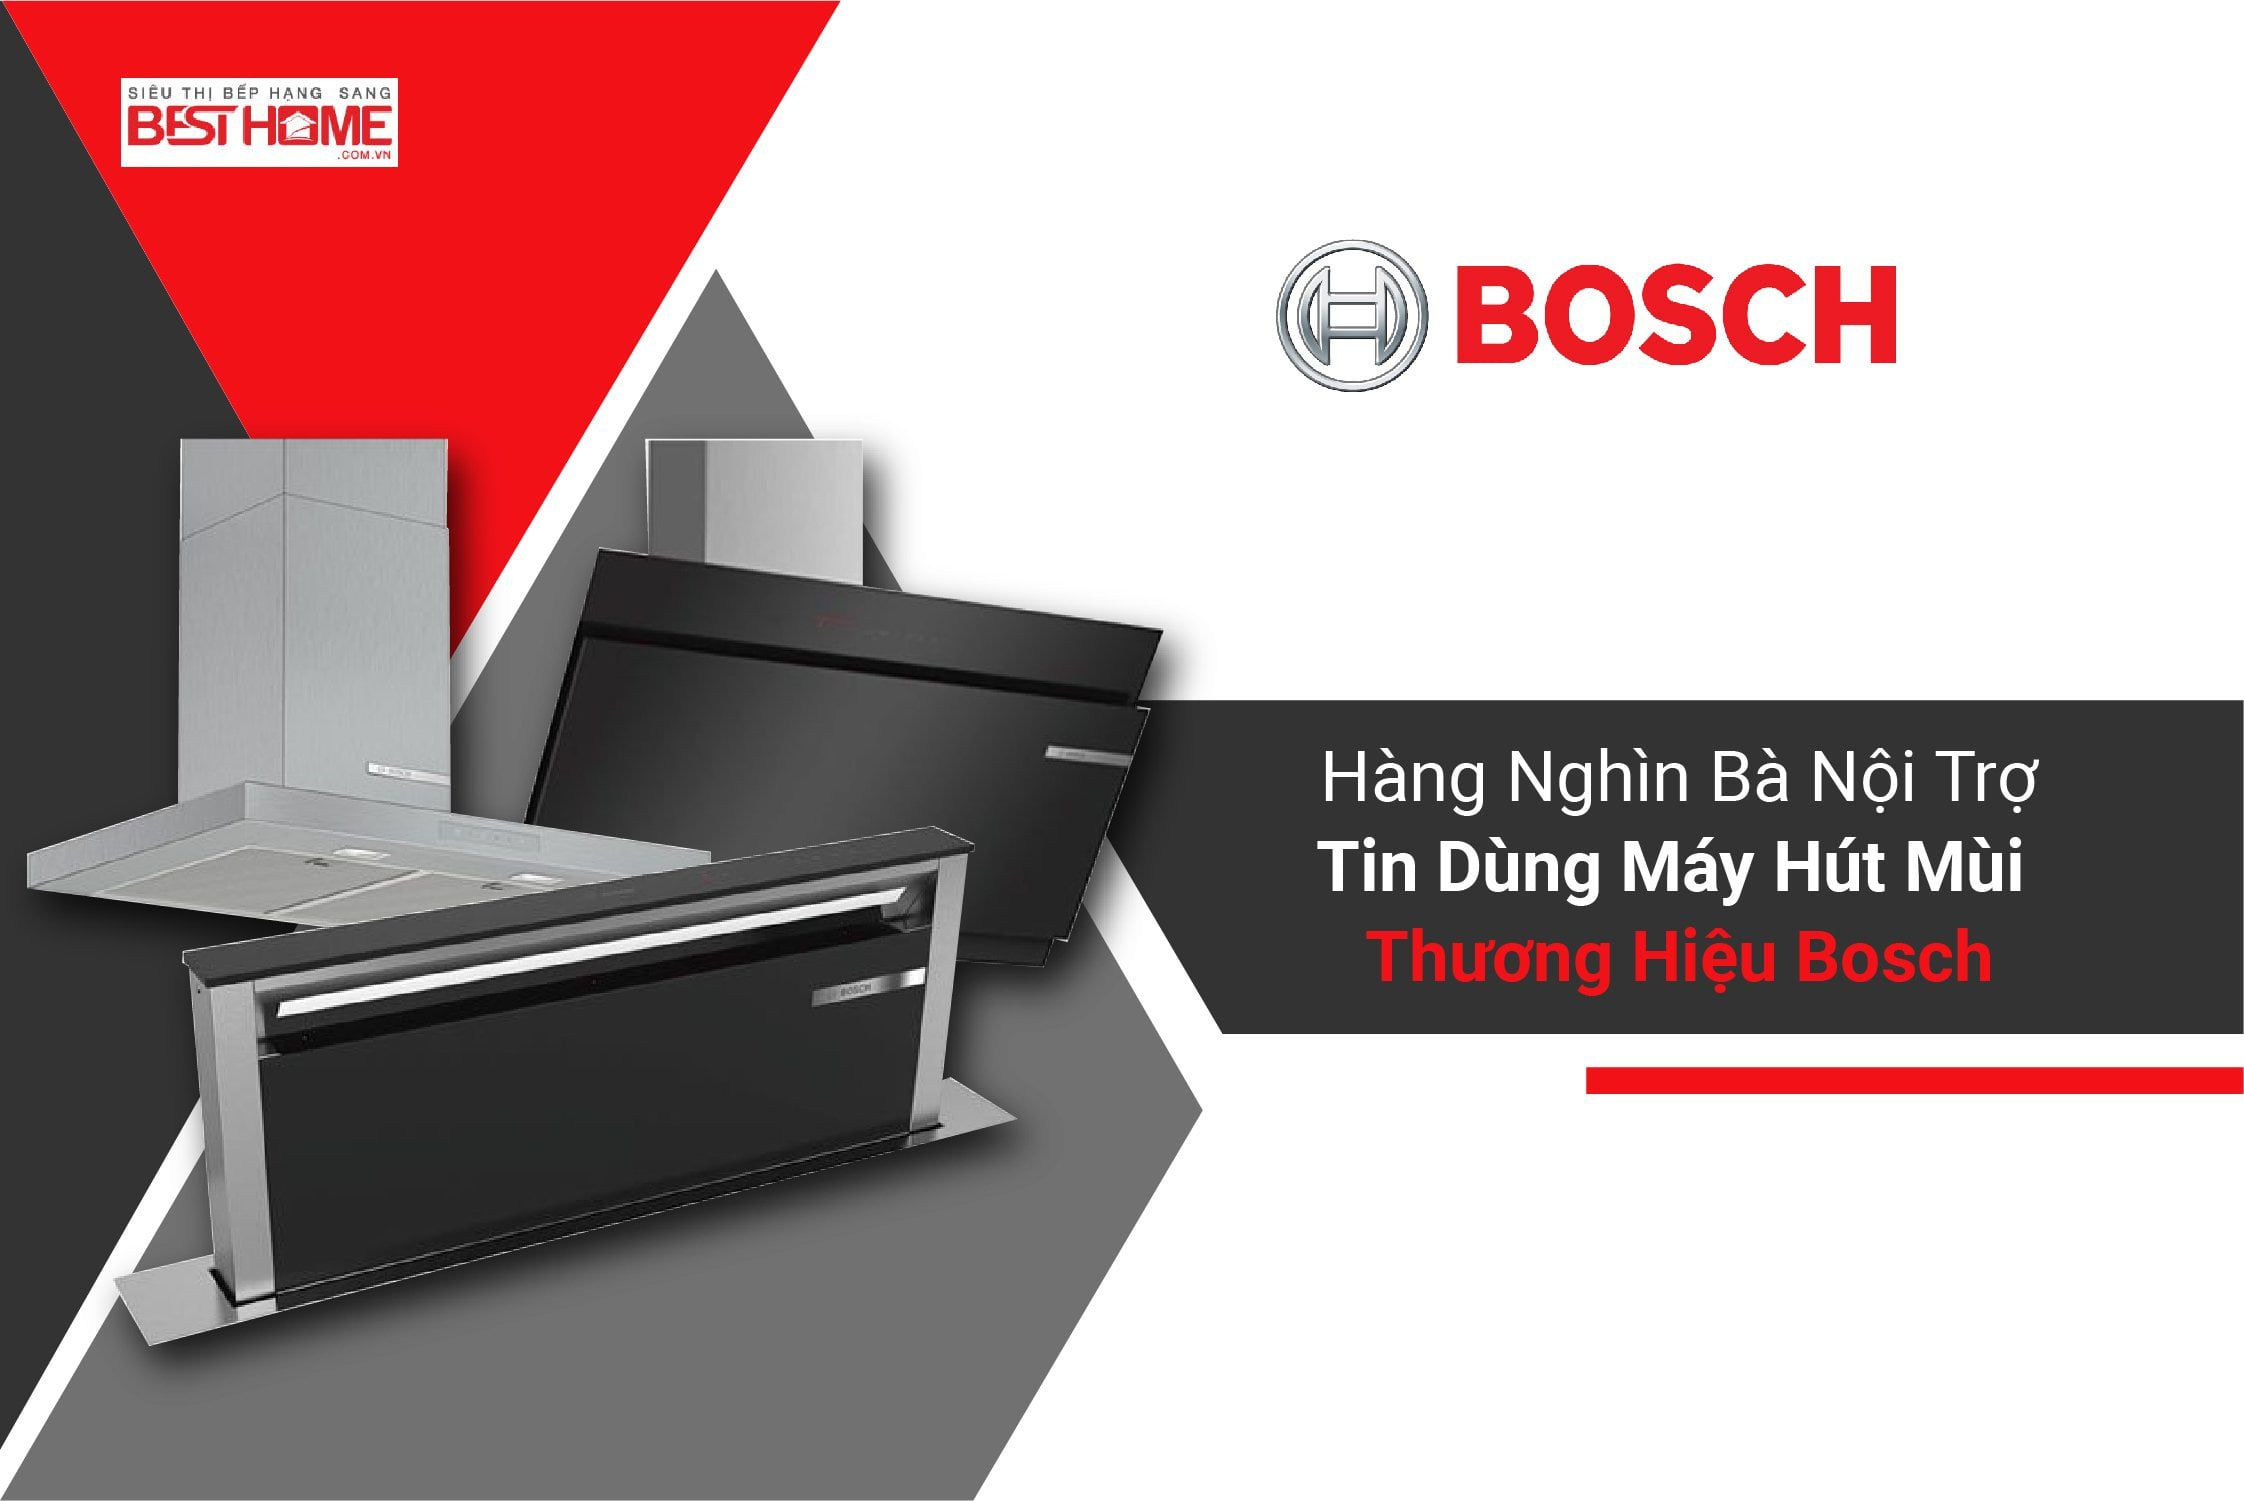 Sự thật đằng sau việc tin dùng máy hút mùi Bosch của những bà nội trợ